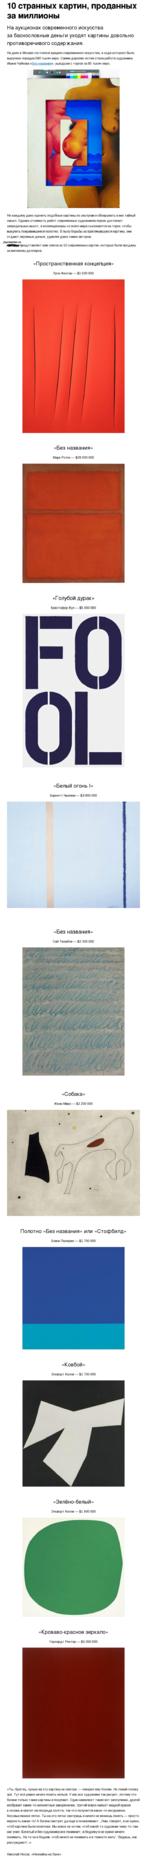 10 странных картин, проданных за миллионы На аукционах современного искусства за баснословные деньги уходят картины довольно противоречивого содержания. На днях в Москве состоялся аукцион современного искусства, в ходе которого было выручено порядка 580 тысяч евро. Самим дорогим лотом стала работ